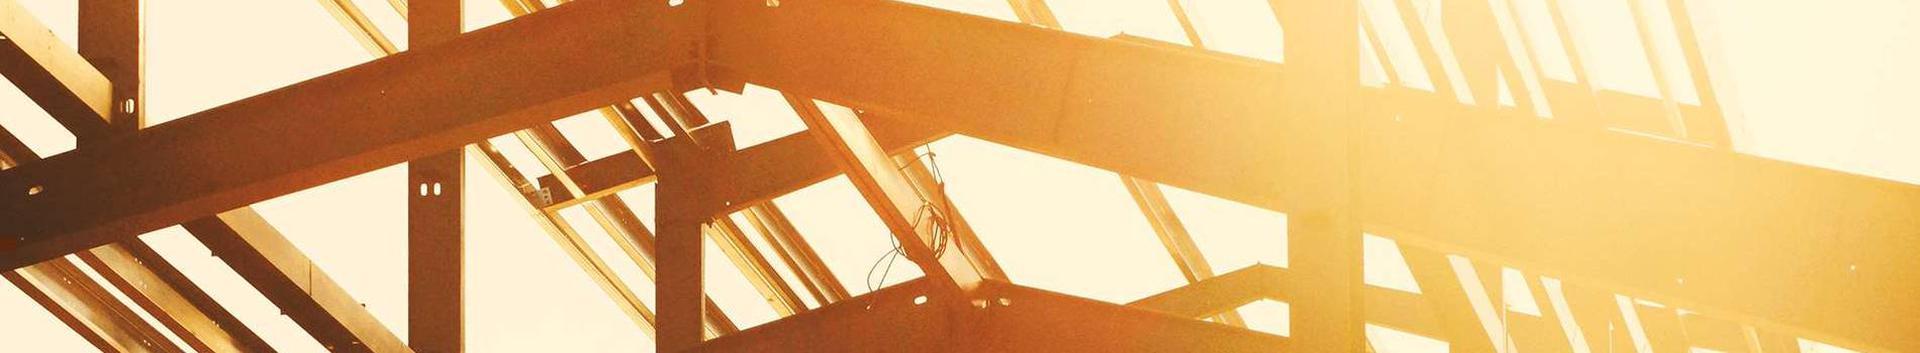 41201_hoonete-ehitustood_93672918_xl.jpg